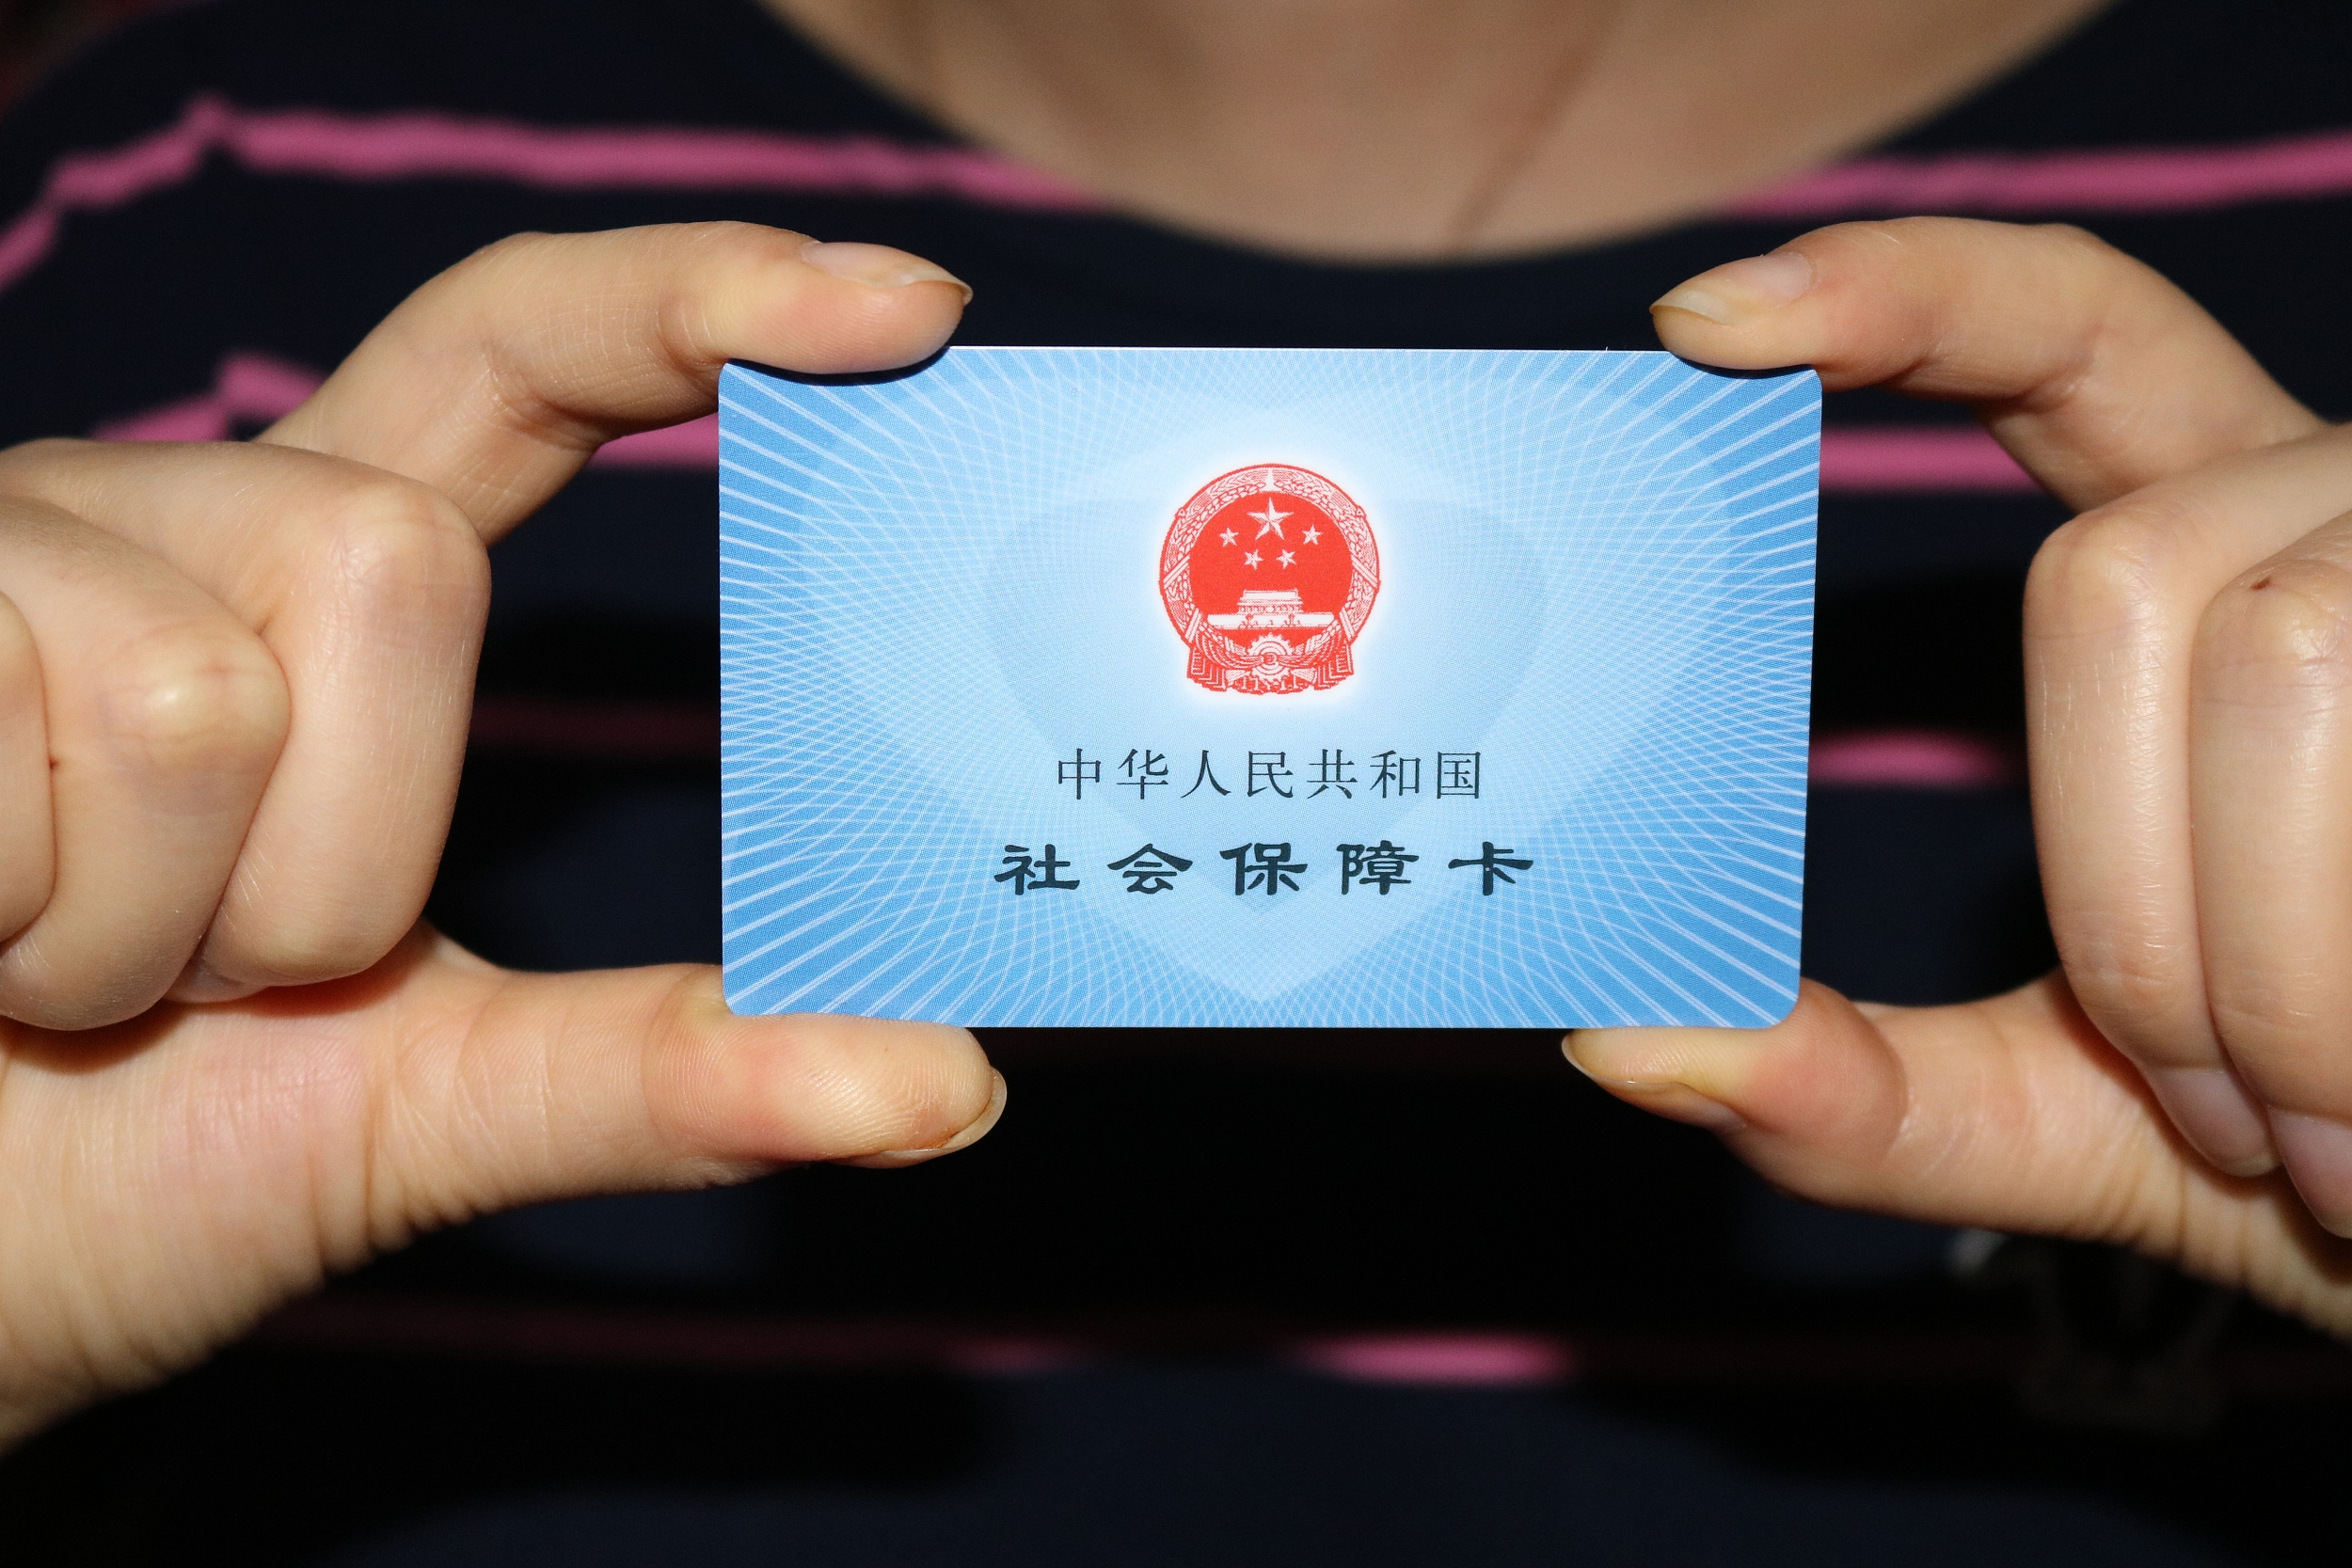 社保卡只能在当地使用吗 律图